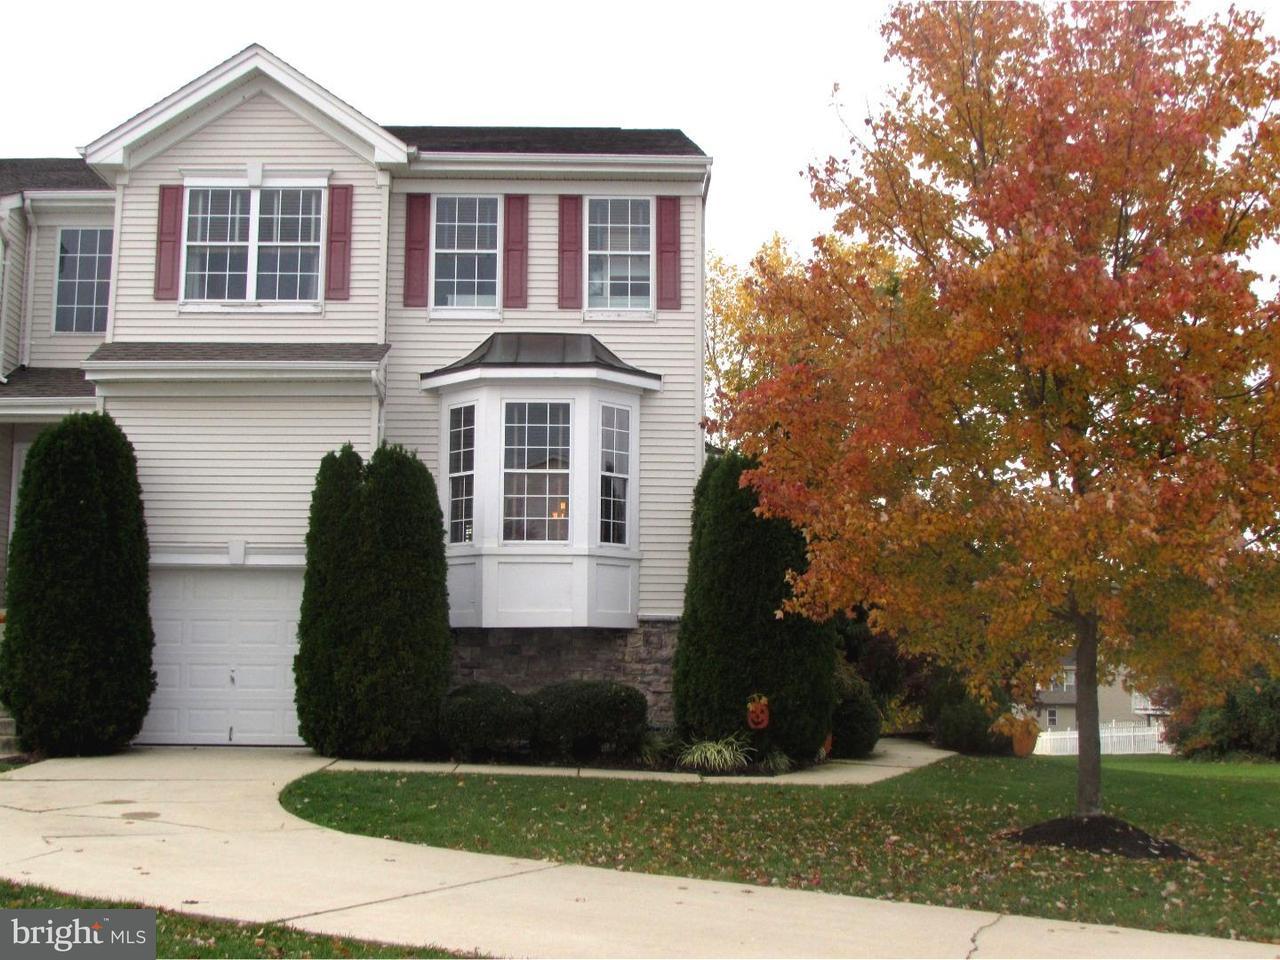 Casa unifamiliar adosada (Townhouse) por un Venta en 1101 BUCKINGHAM Drive Thorofare, Nueva Jersey 08086 Estados Unidos